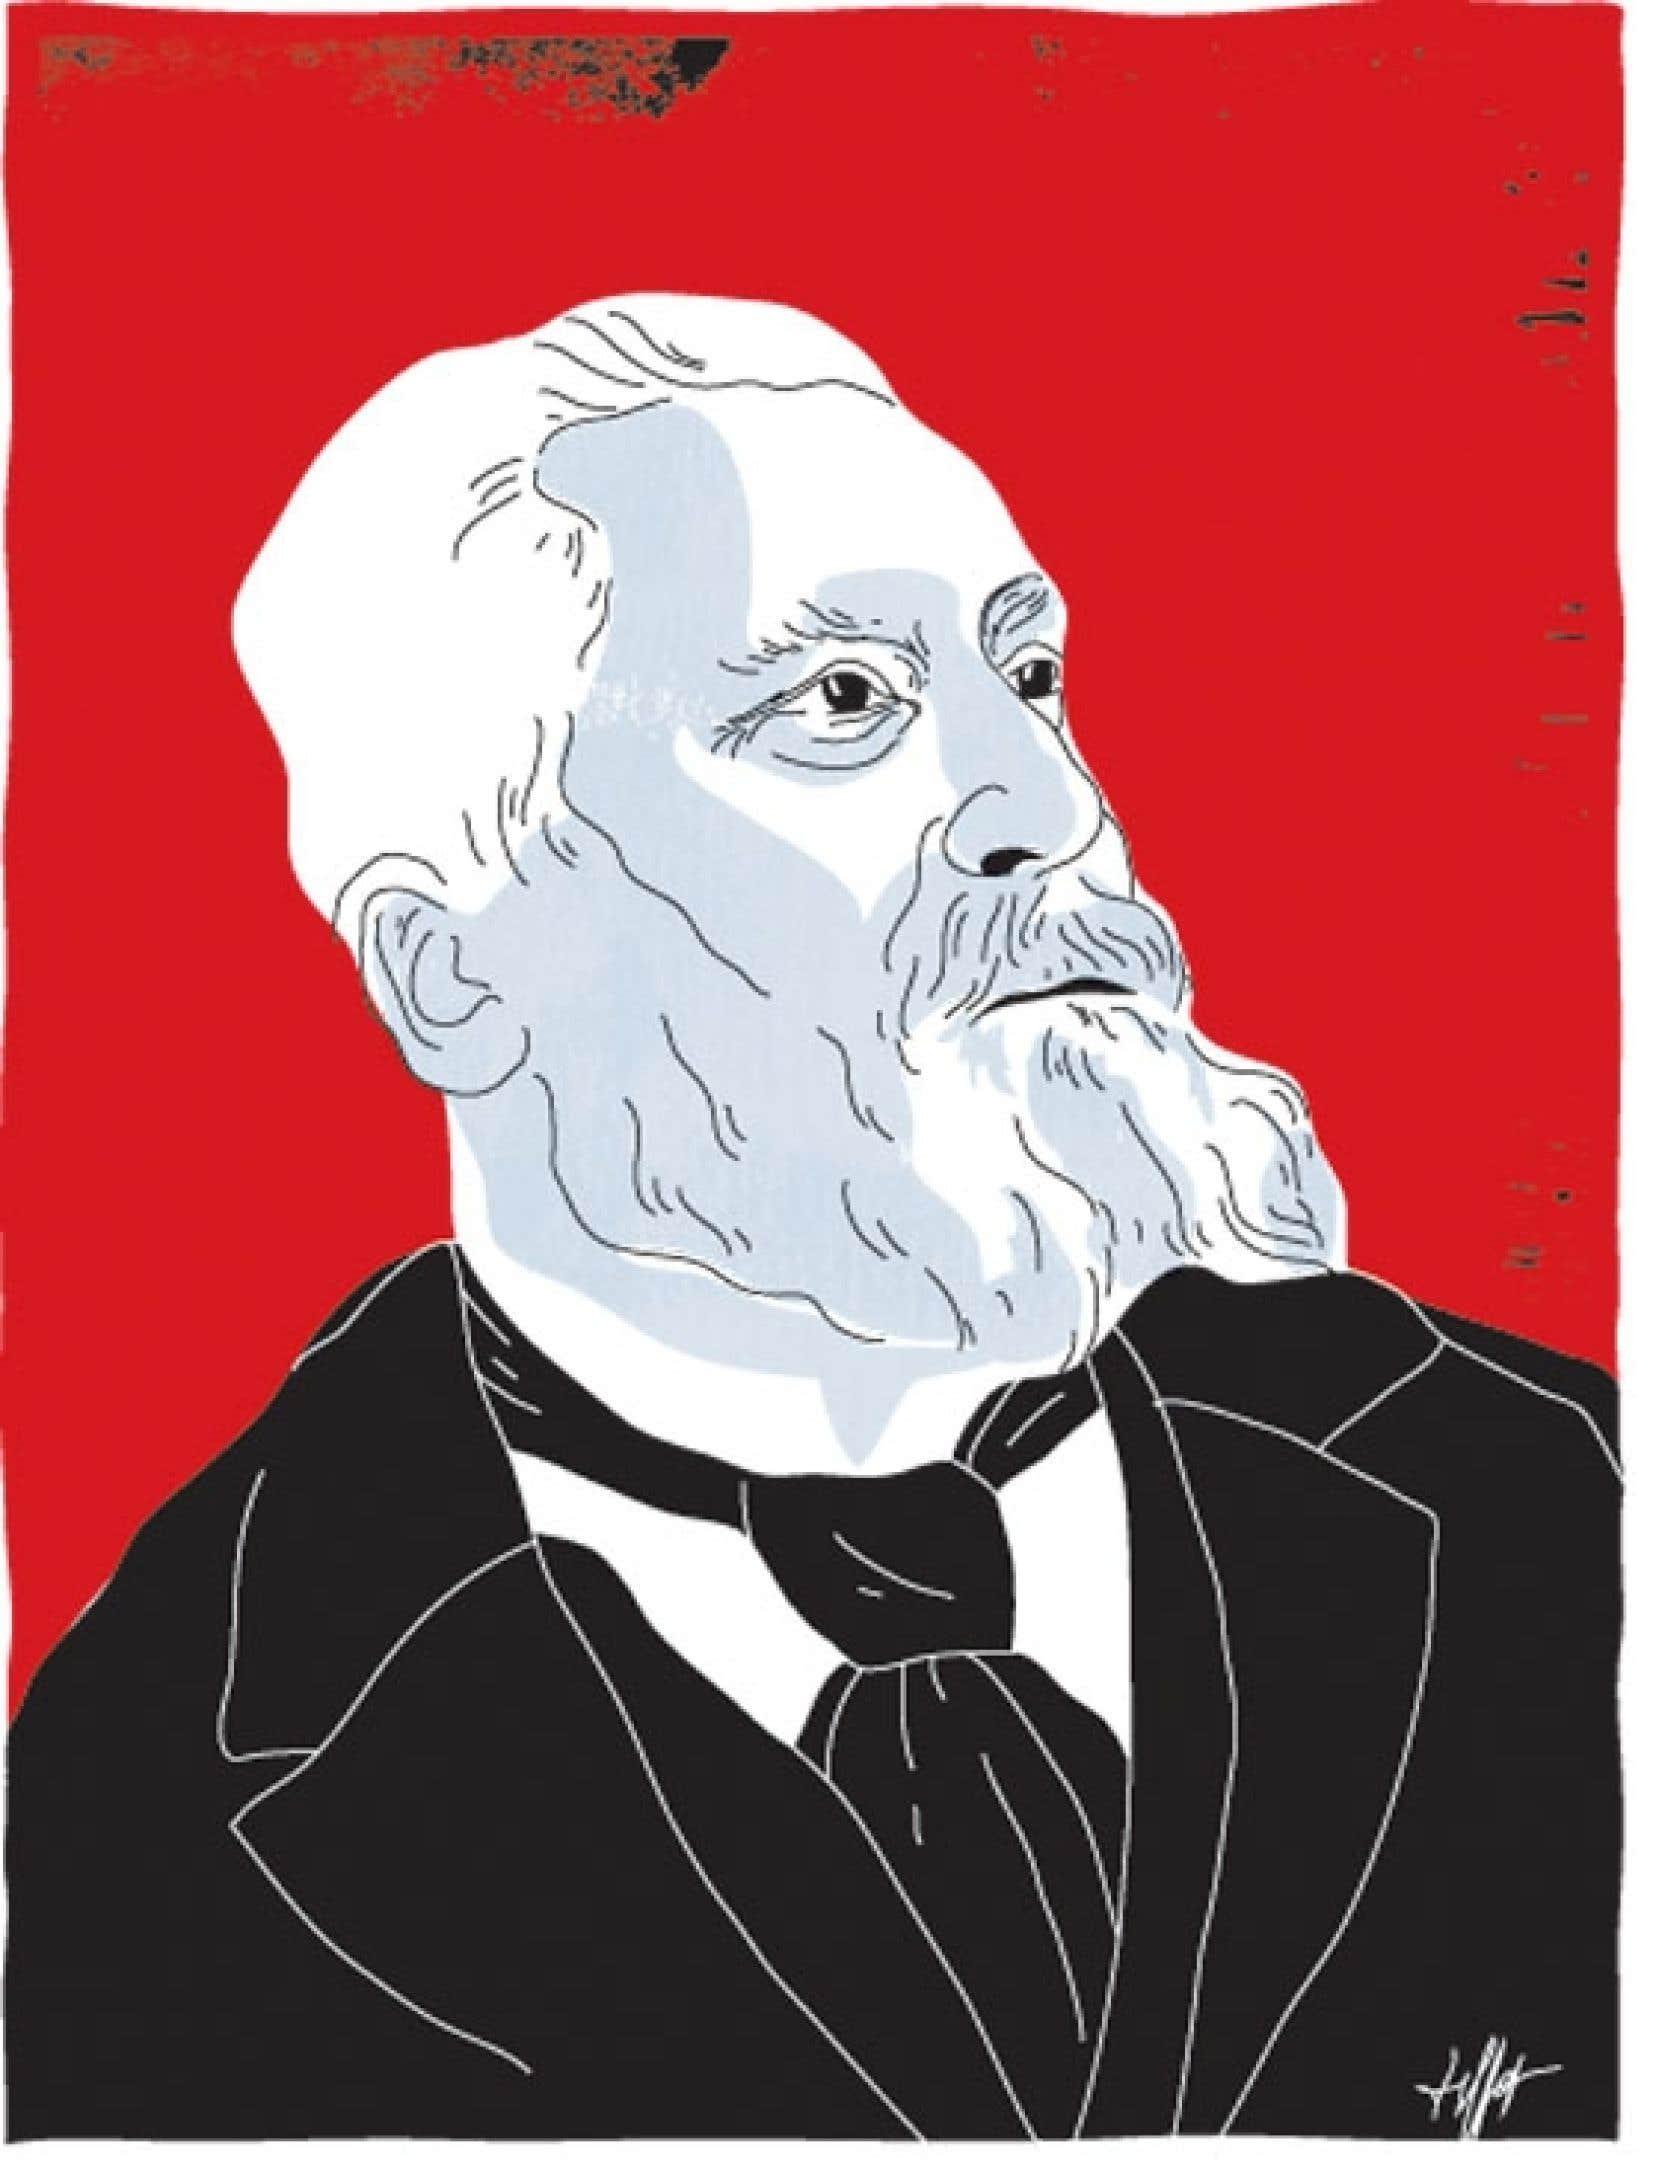 Pour Jean Jaurès, la révolution socialiste n'est concevable que dans le cadre de la légalité démocratique, c'est-à-dire par une conquête graduelle et légale par le prolétariat des institutions parlementaires et de la puissance de la production.